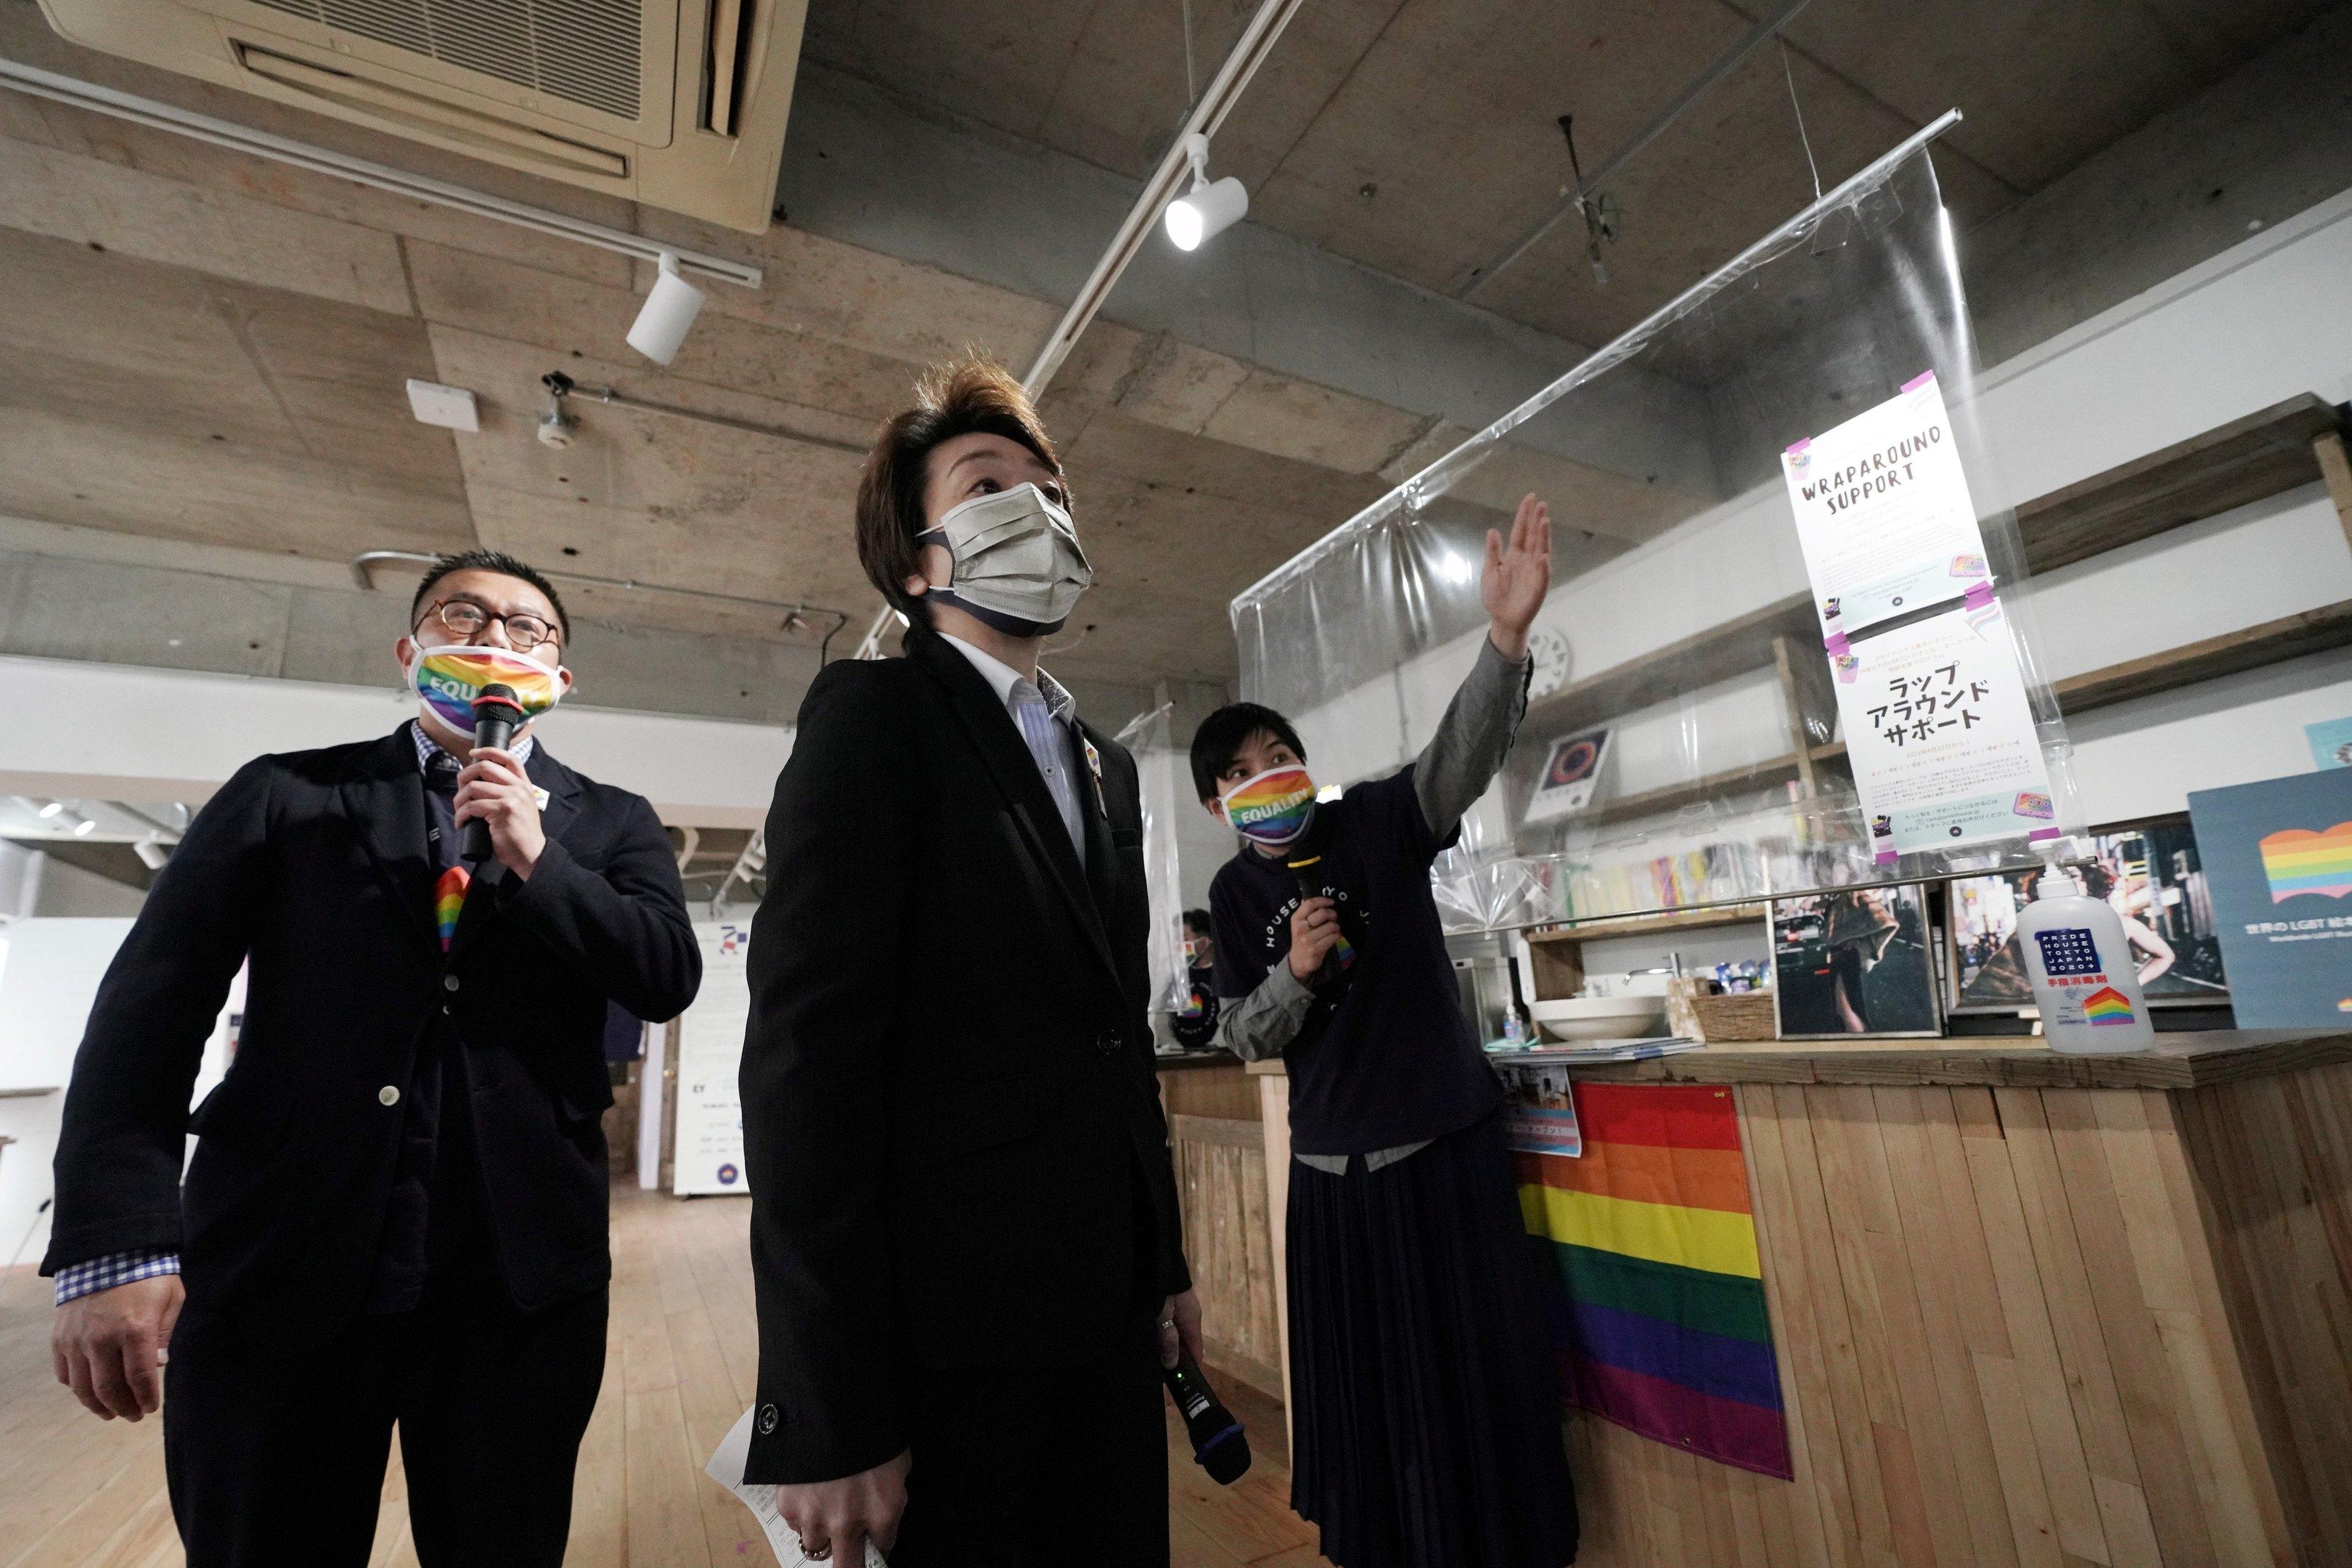 Com mais atletas LGBTQ do que nunca, Jogos colocam foco no Japão